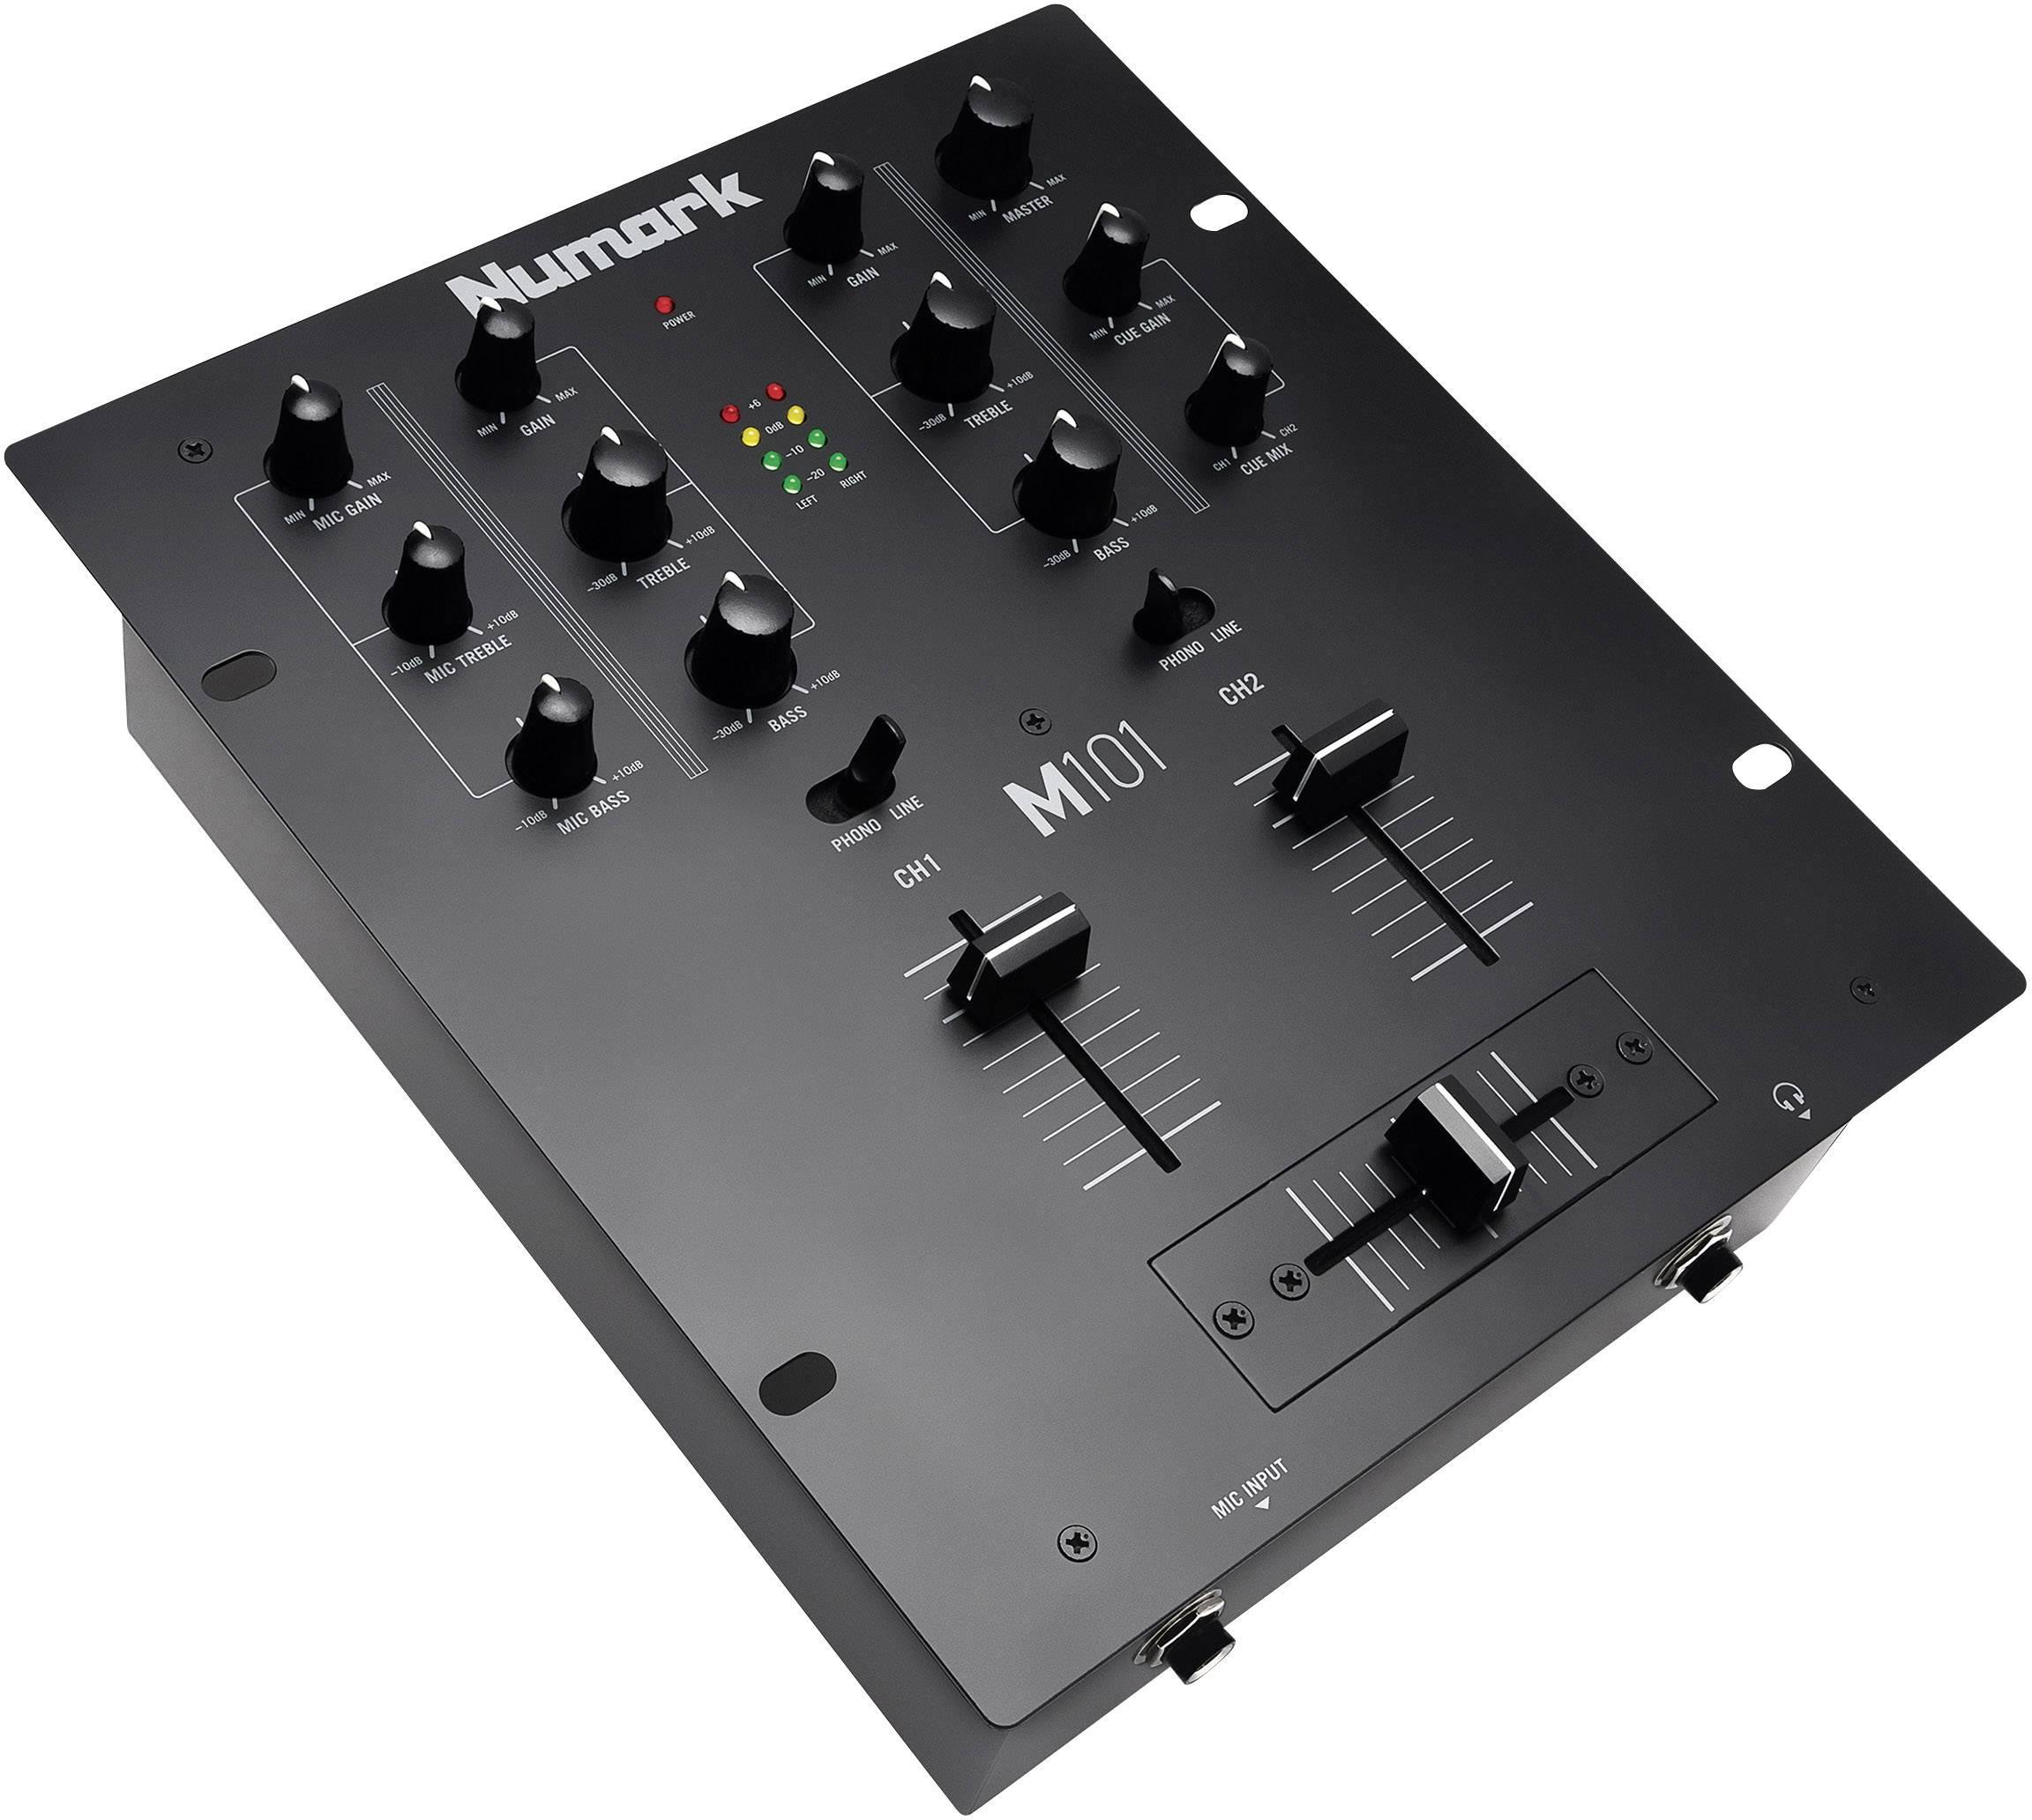 DJ mixážní pult Numark M101